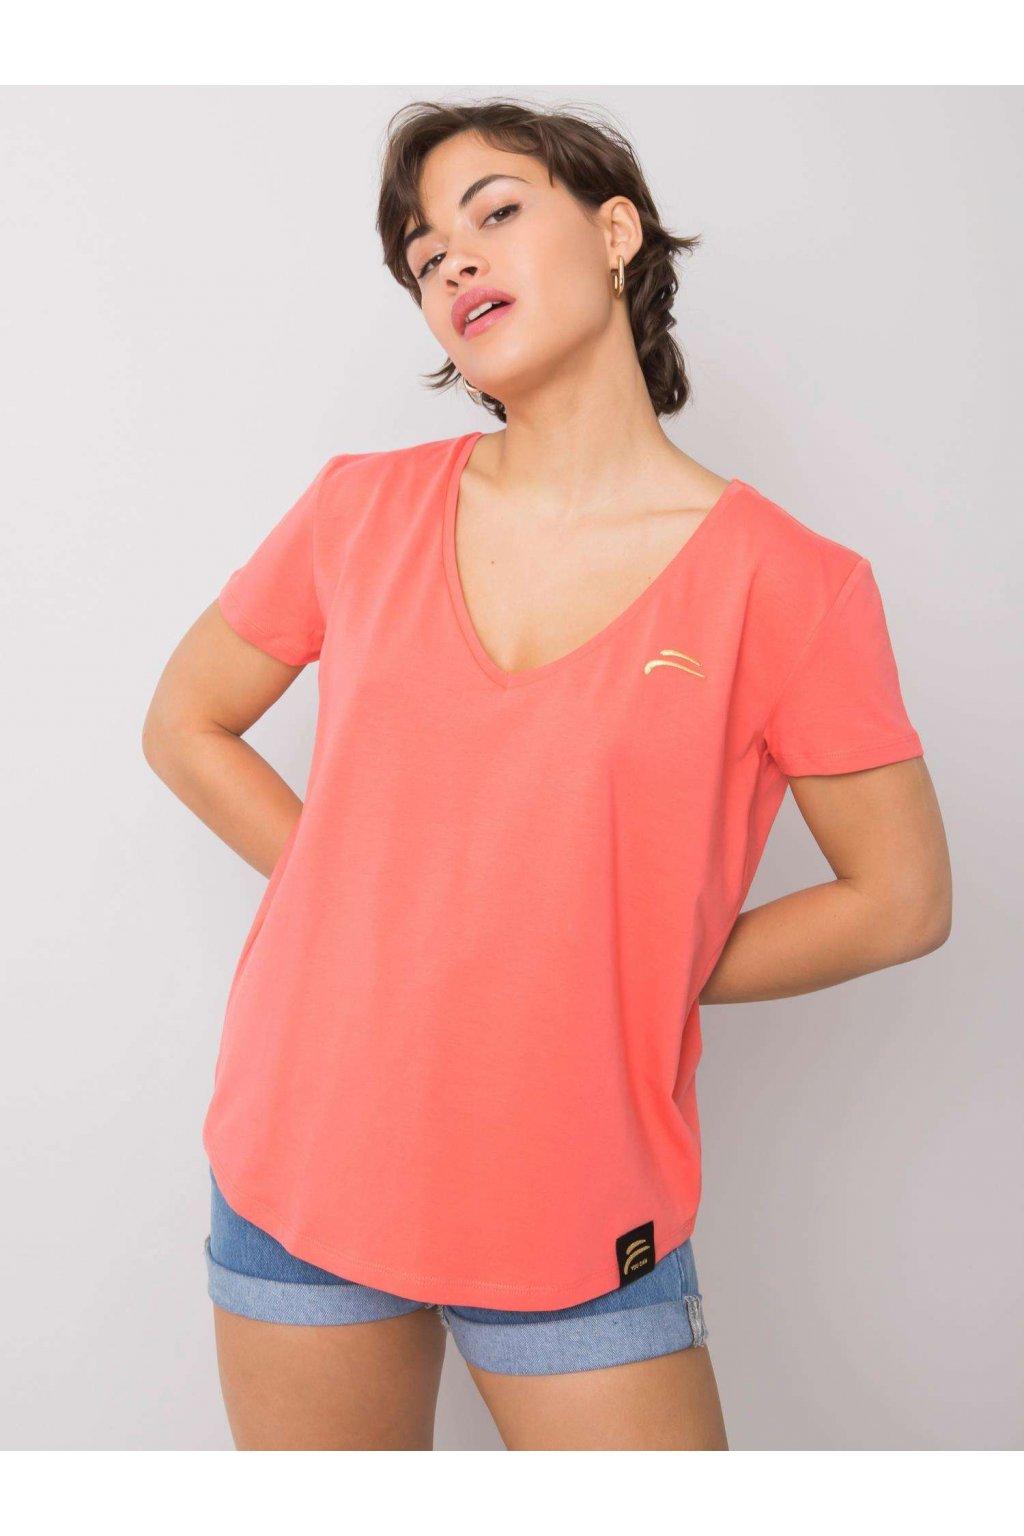 Dámske tričko jednofarebné kód TK-FF-TS-01042021.47P